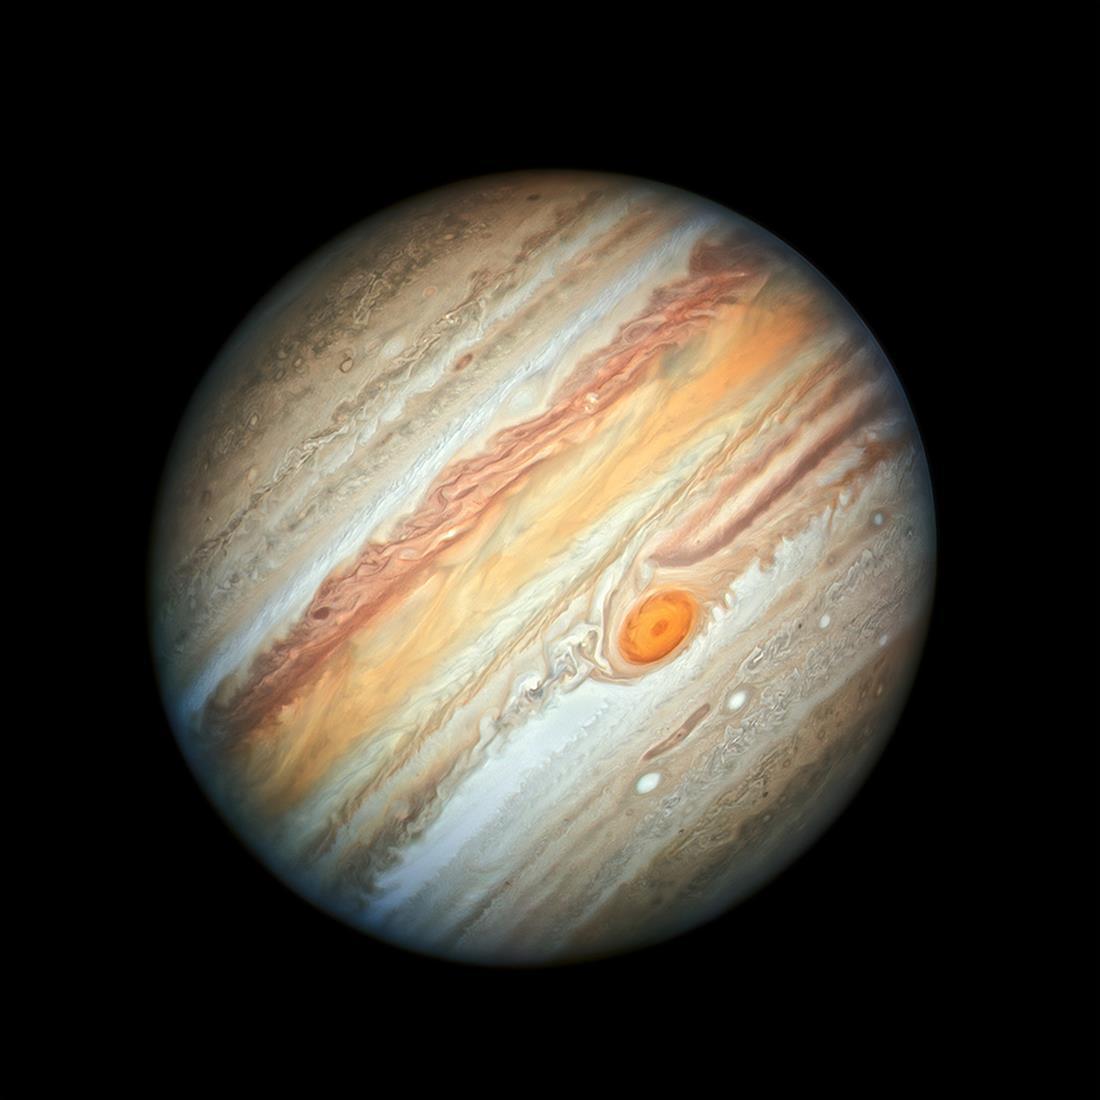 ΔΙΑΣ - τηλεσκόπιο Hubble